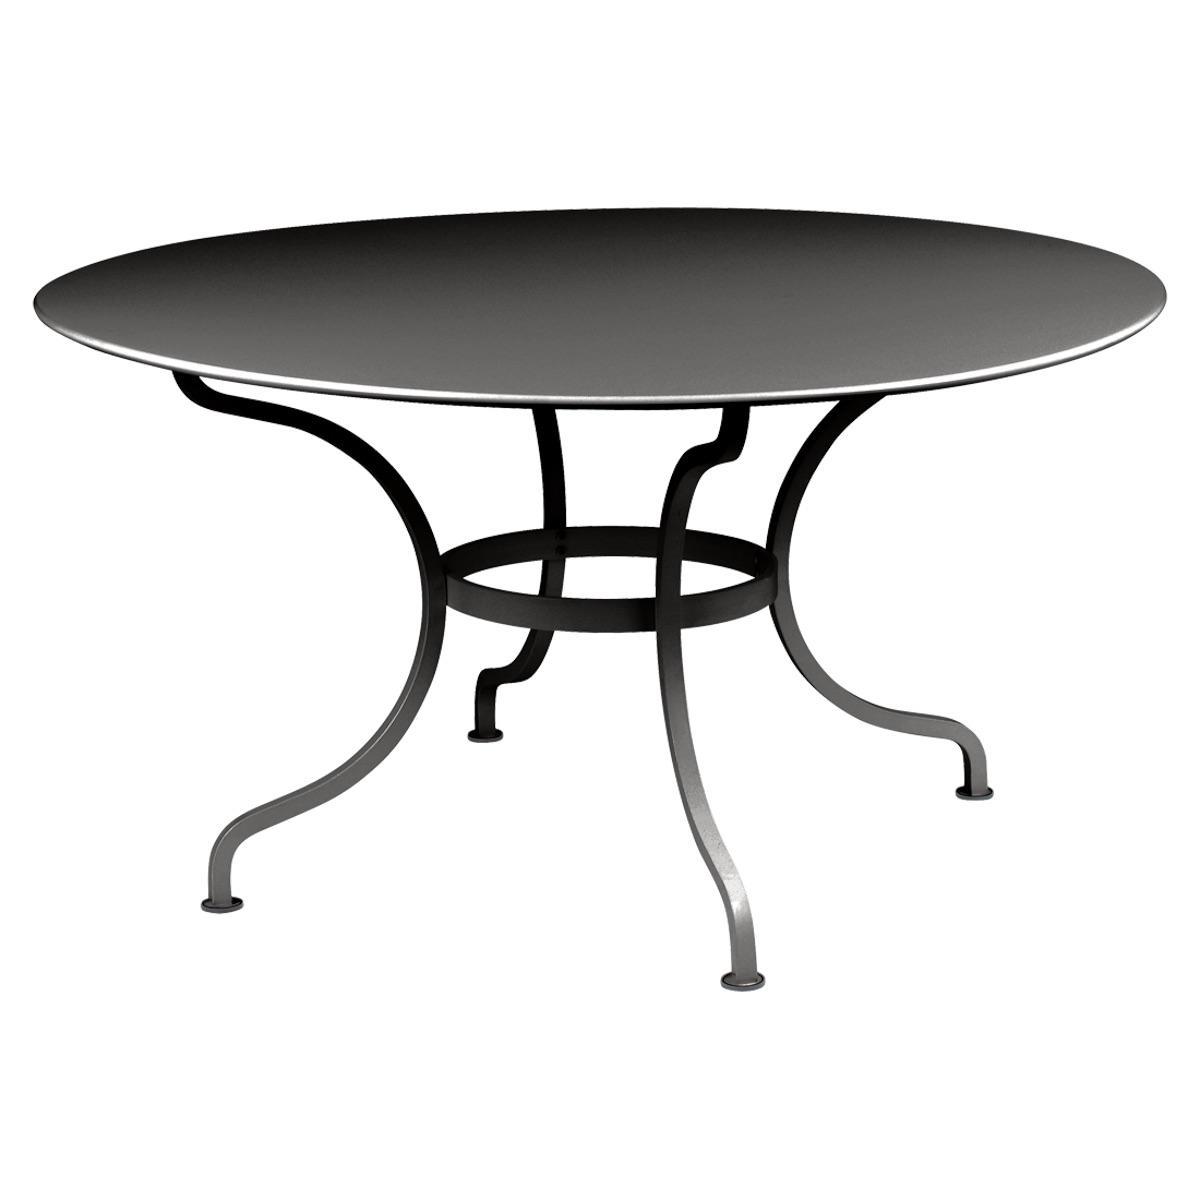 Table ronde 137cm ROMANE Fermob réglisse